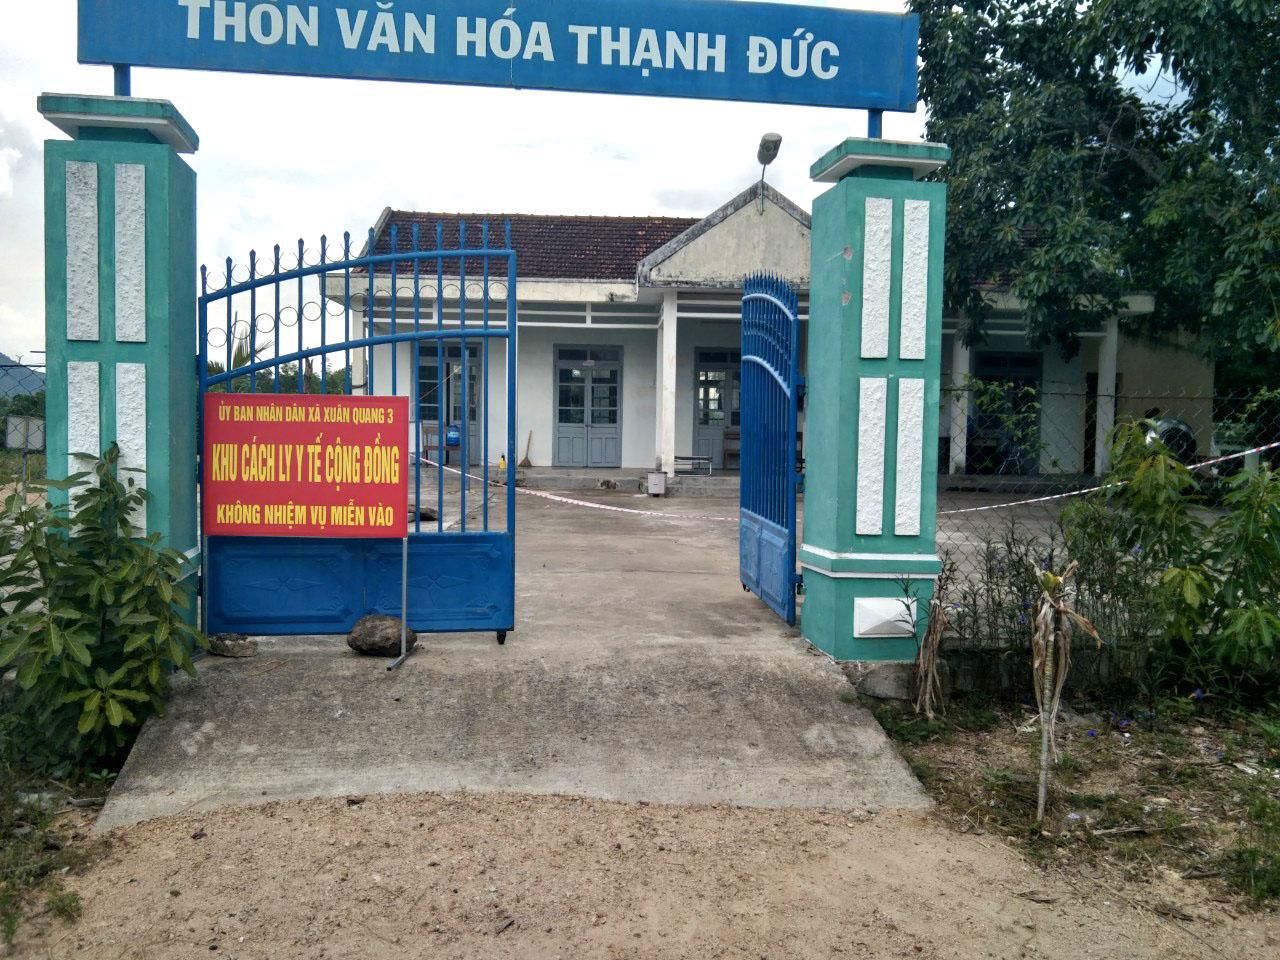 Khu vực cách ly y tế cộng đồng đối với người về từ vùng dịch của tỉnh Phú Yên